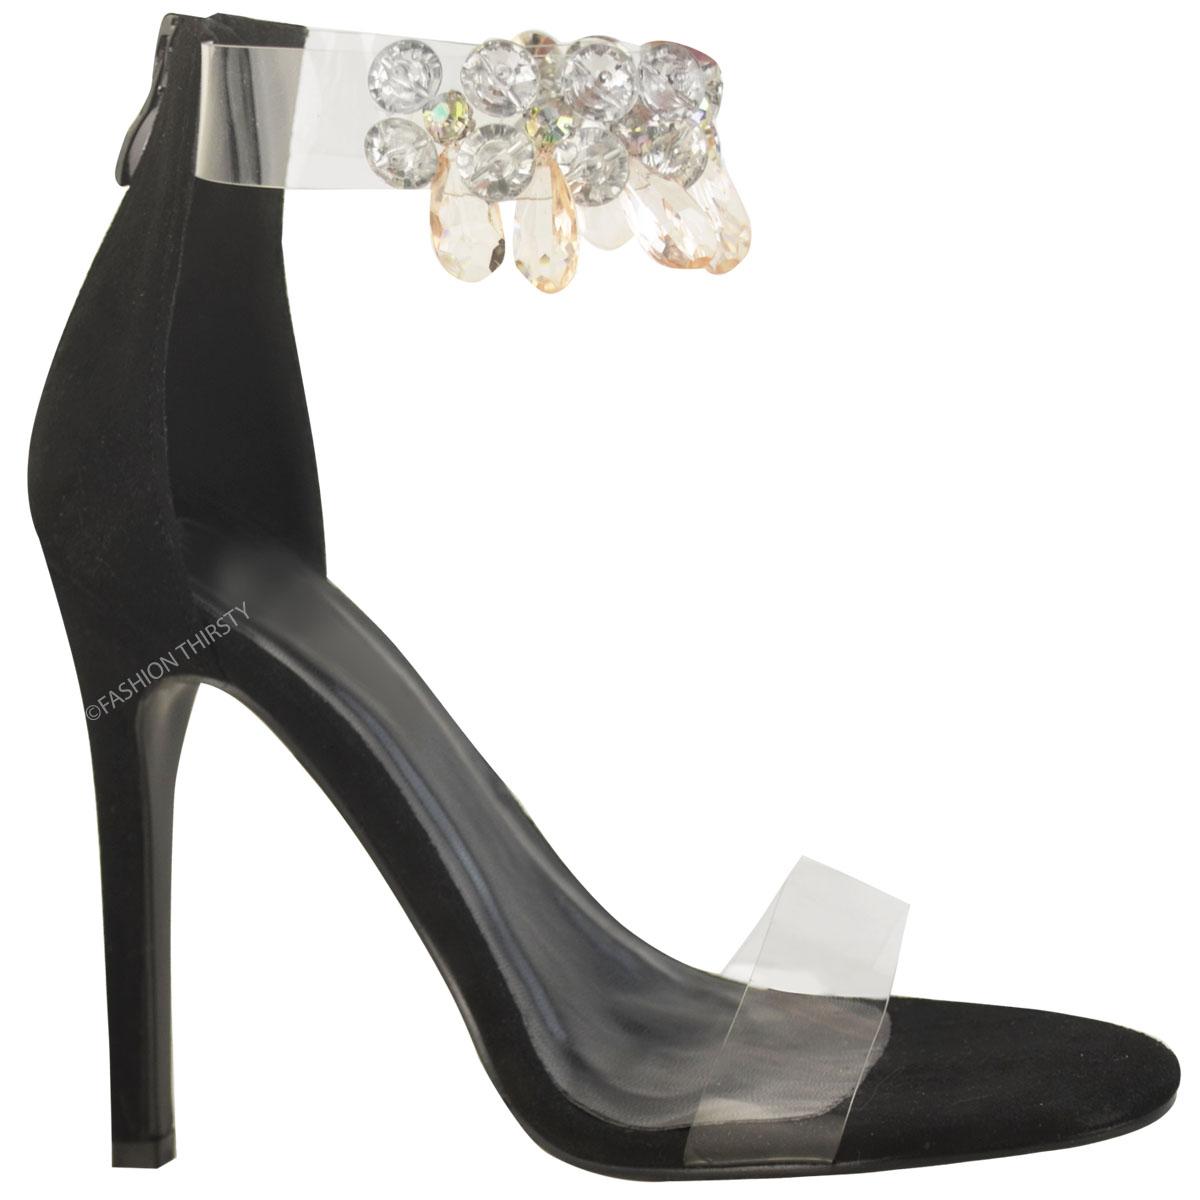 damen stiletto sandalen mit glitzersteinen high heels. Black Bedroom Furniture Sets. Home Design Ideas